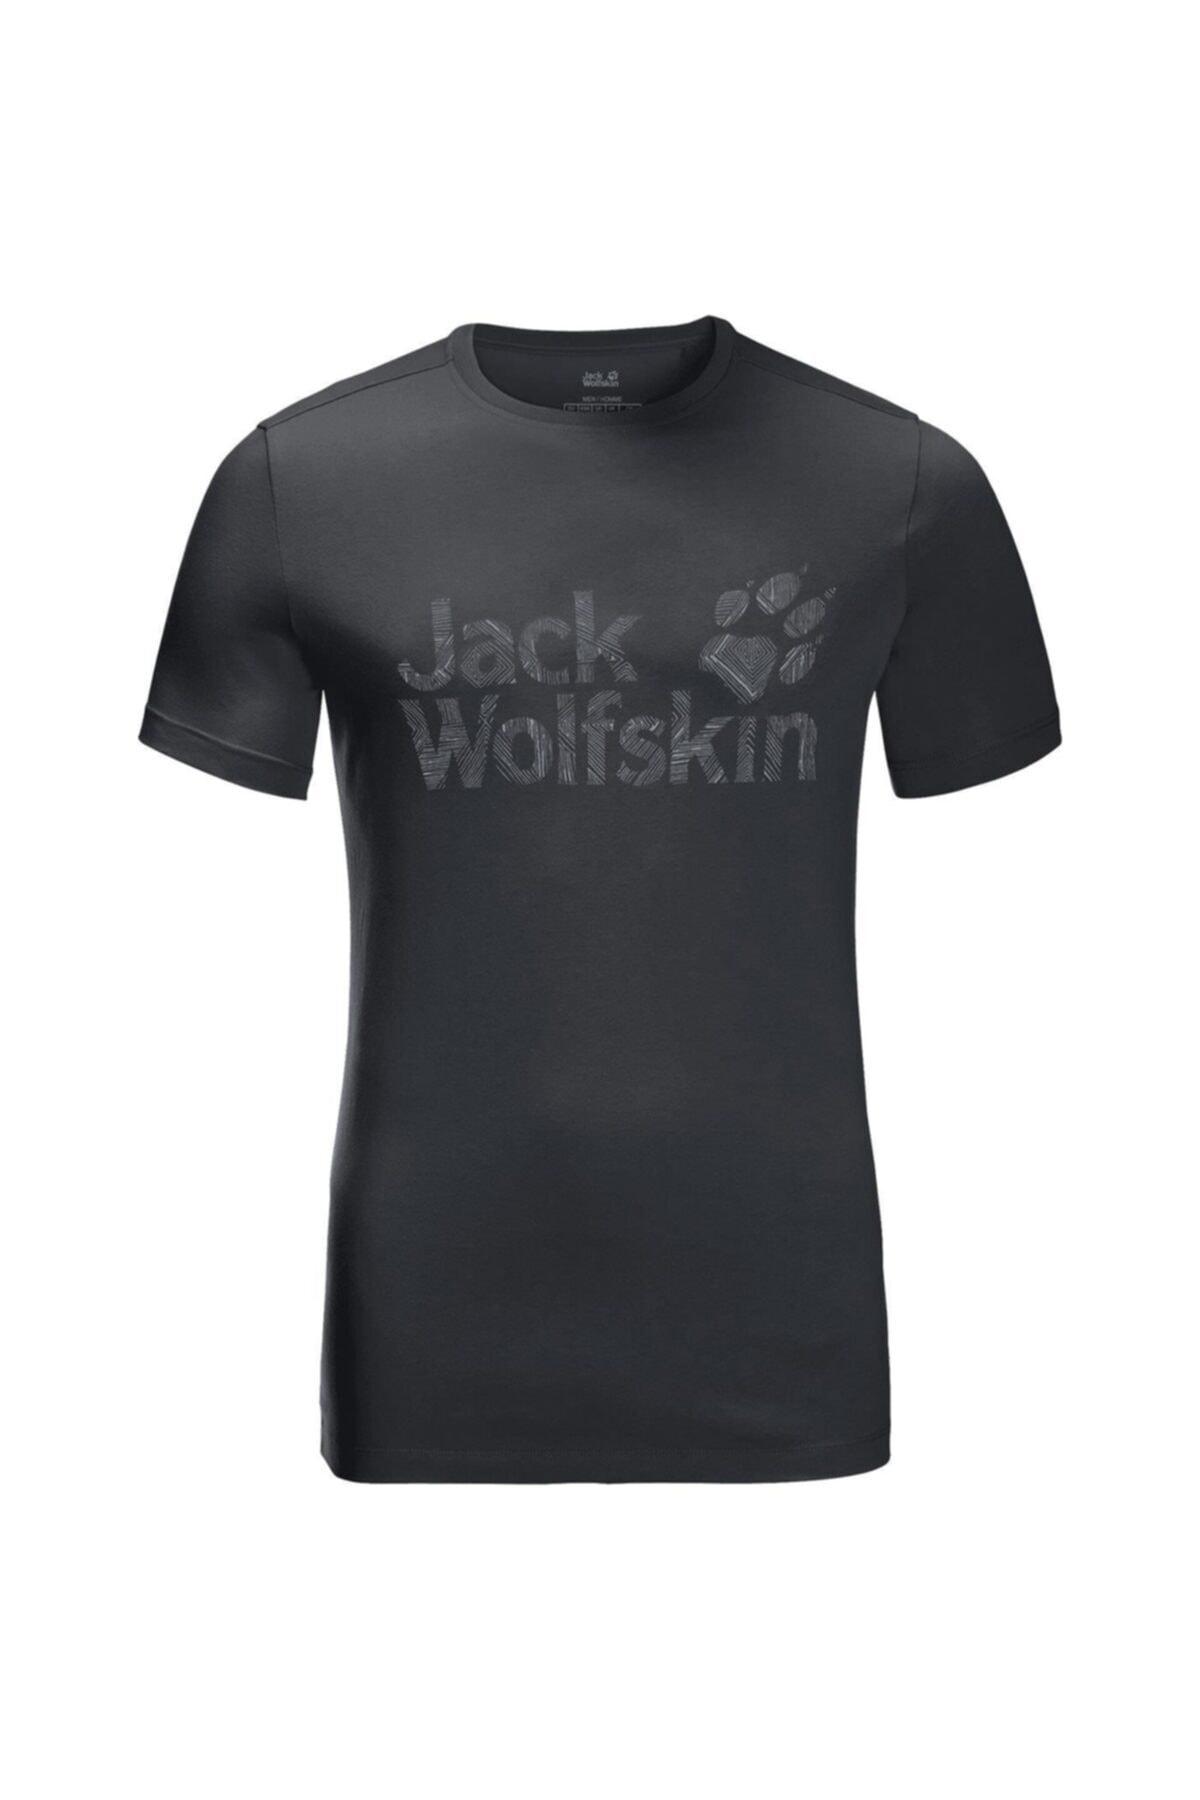 Jack Wolfskin Wolf Logo Erkek T-shirt - 5022191-6350 1